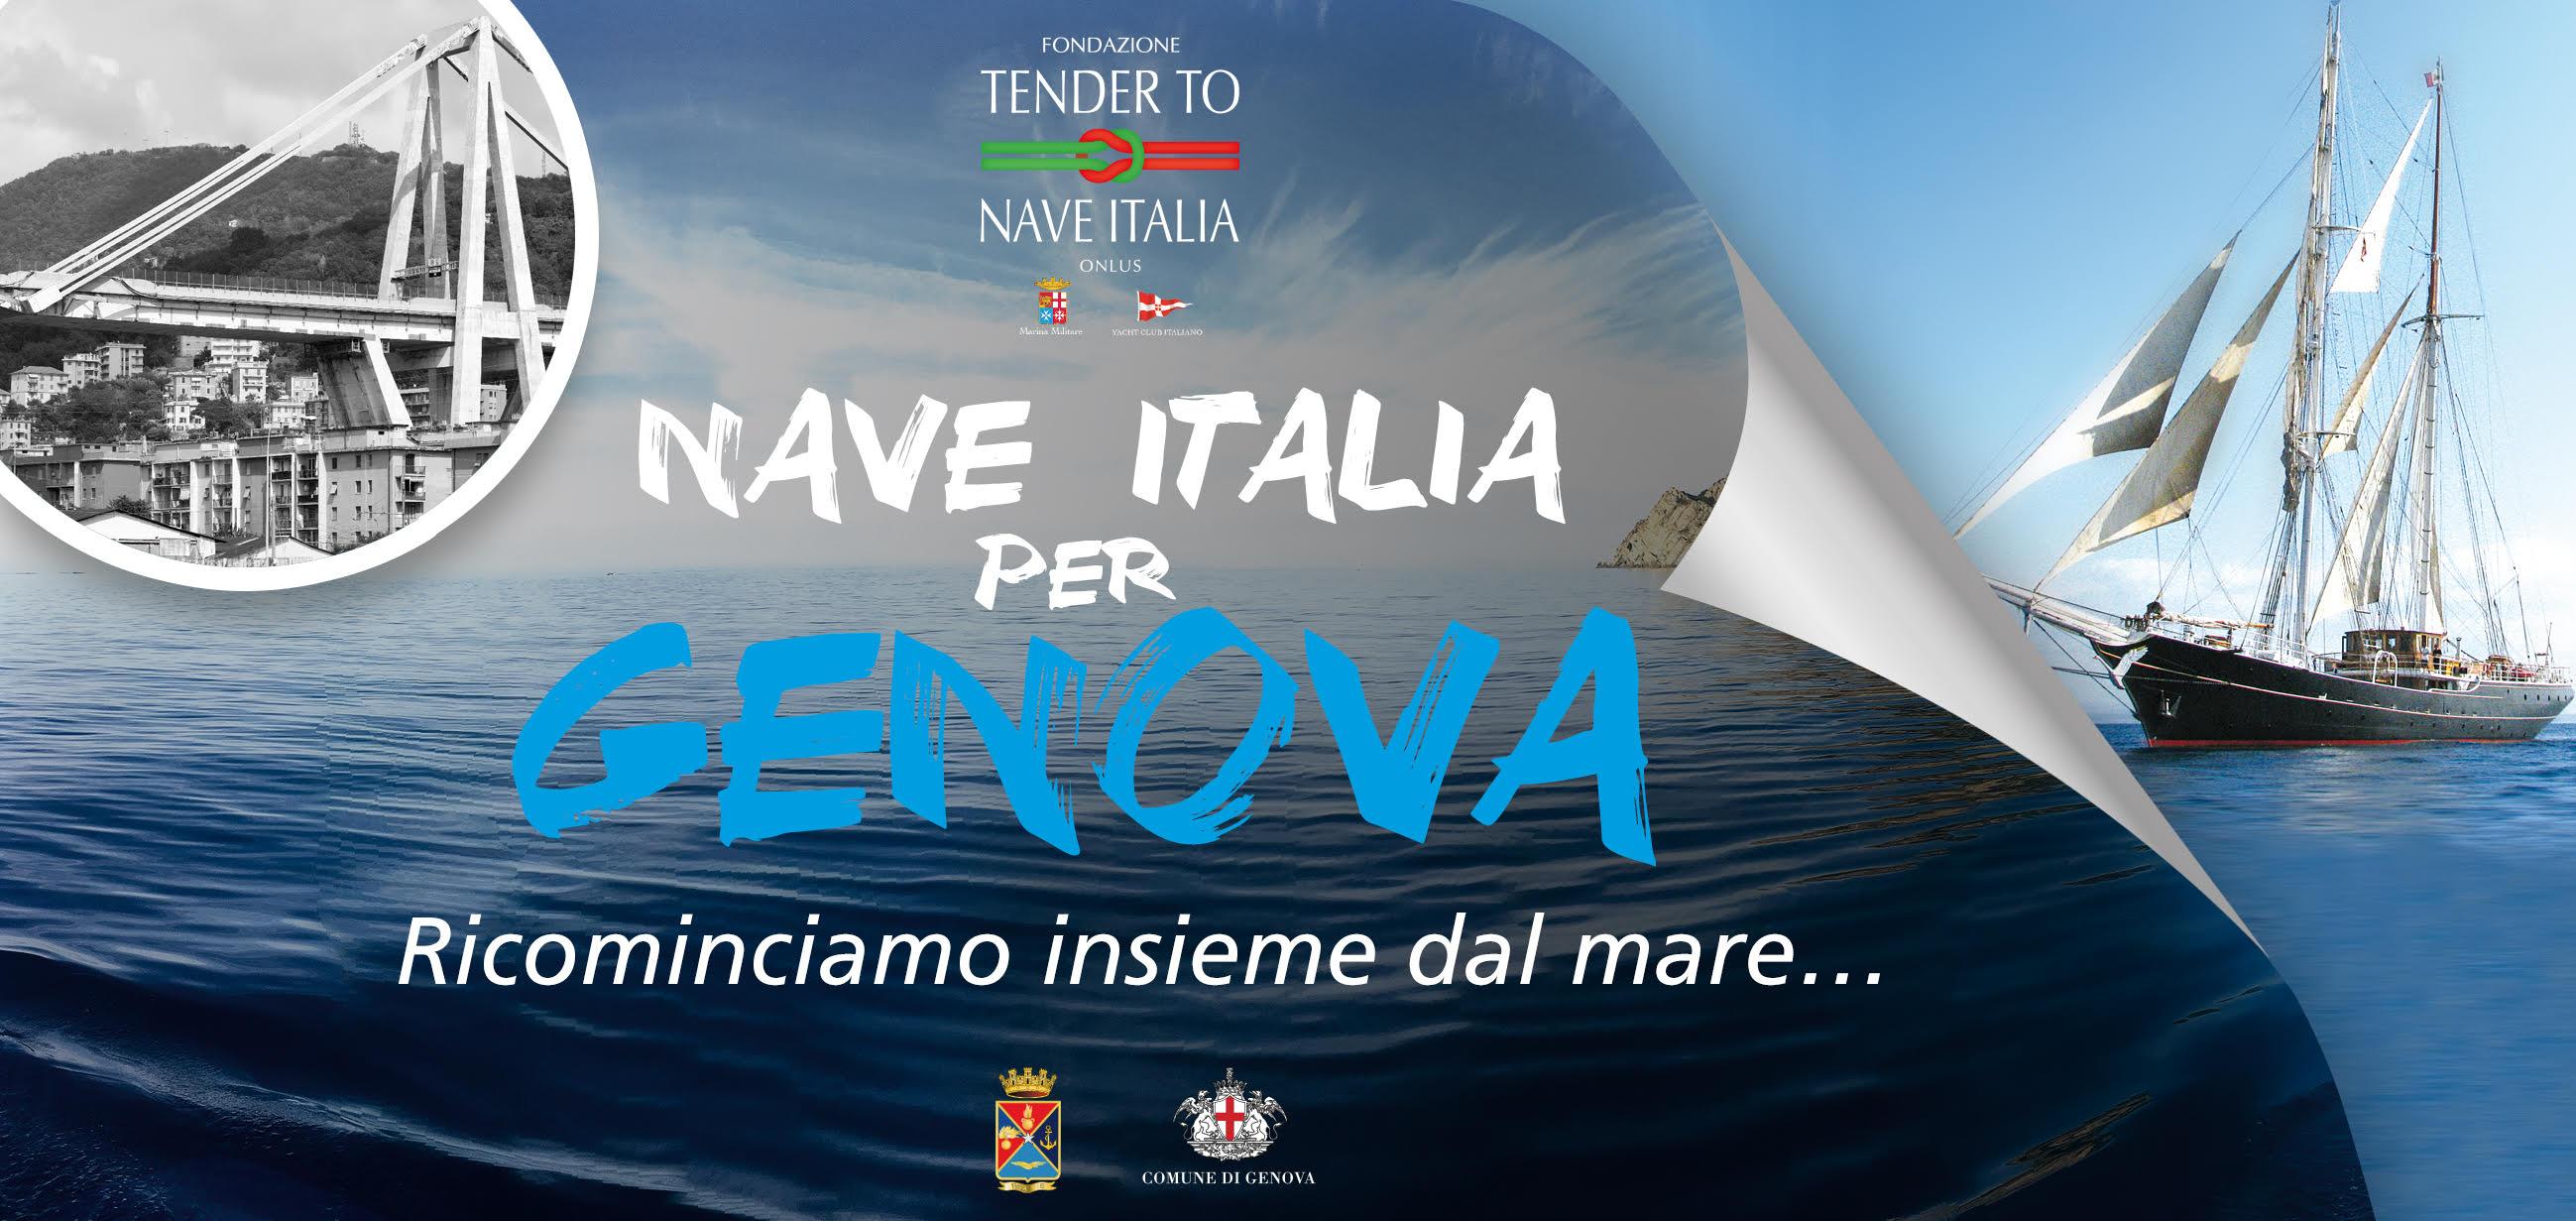 Nave ITALIA a fianco dei ragazzi colpiti dalla tragedia del ponte Morandi